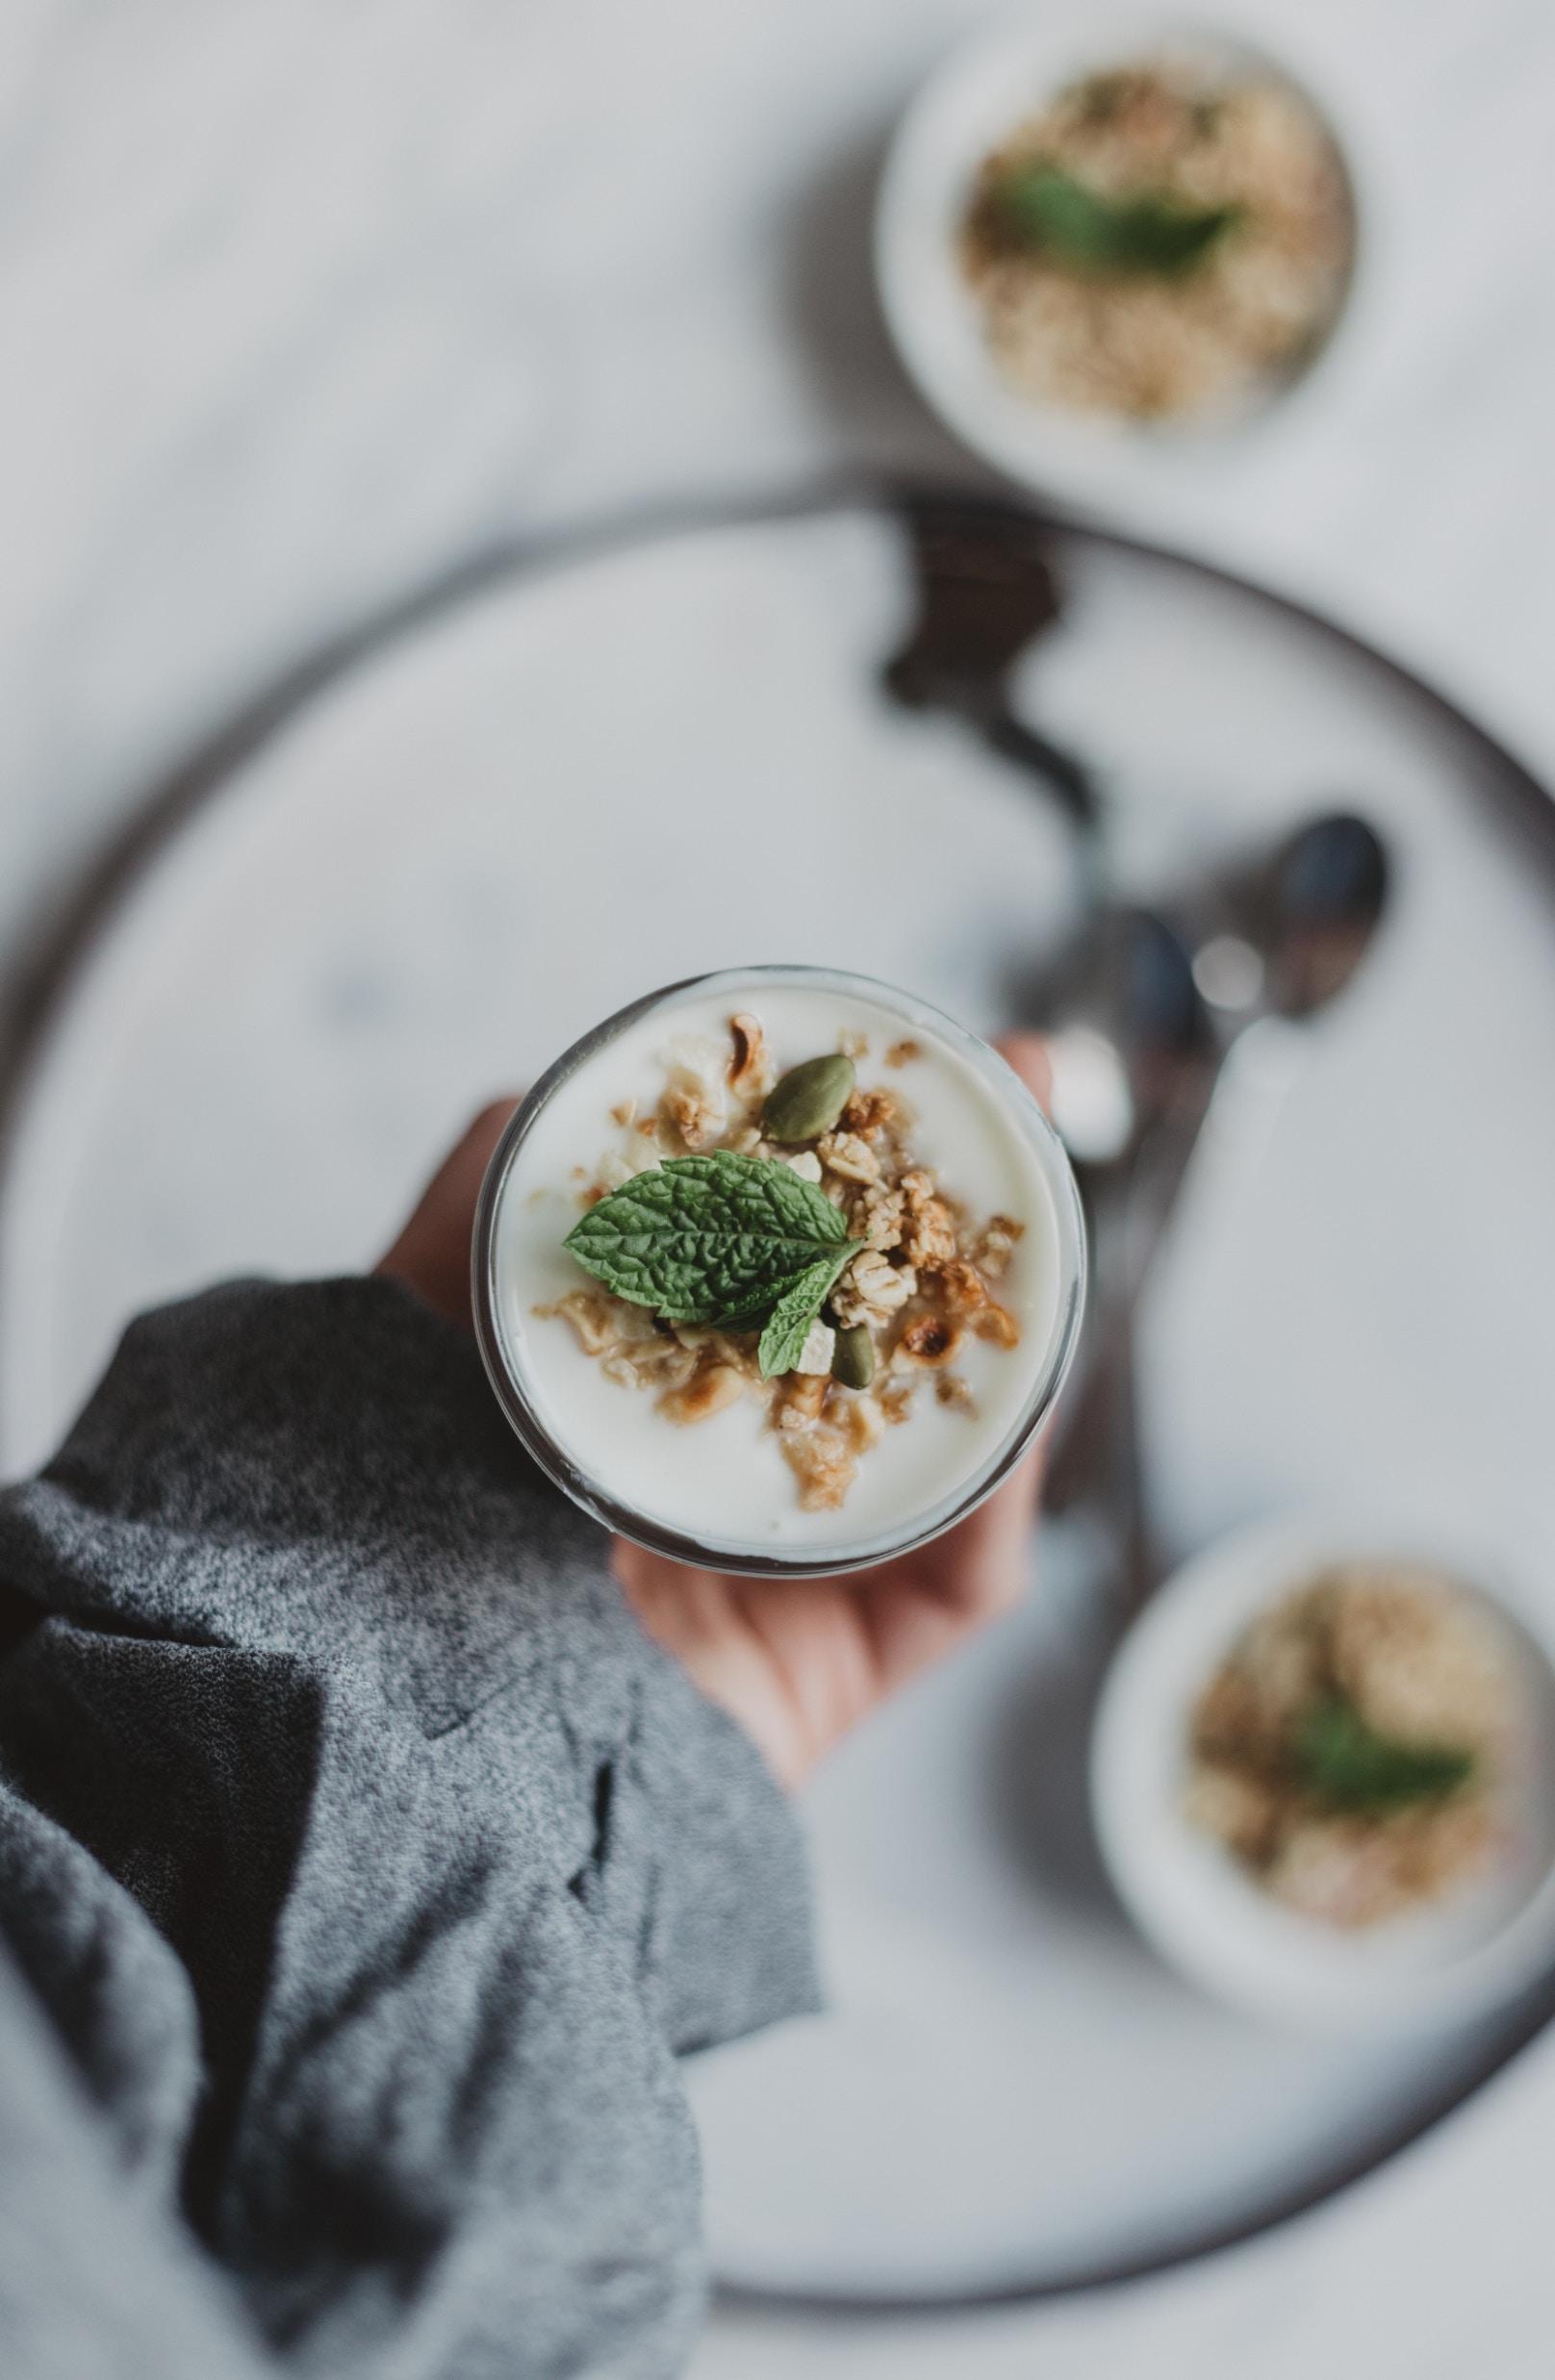 Znanstvenici vjeruju da se uočeni učinak konzumacije jogurta može objasniti njegovim pozitivnim utjecajem na crijevnu floru.